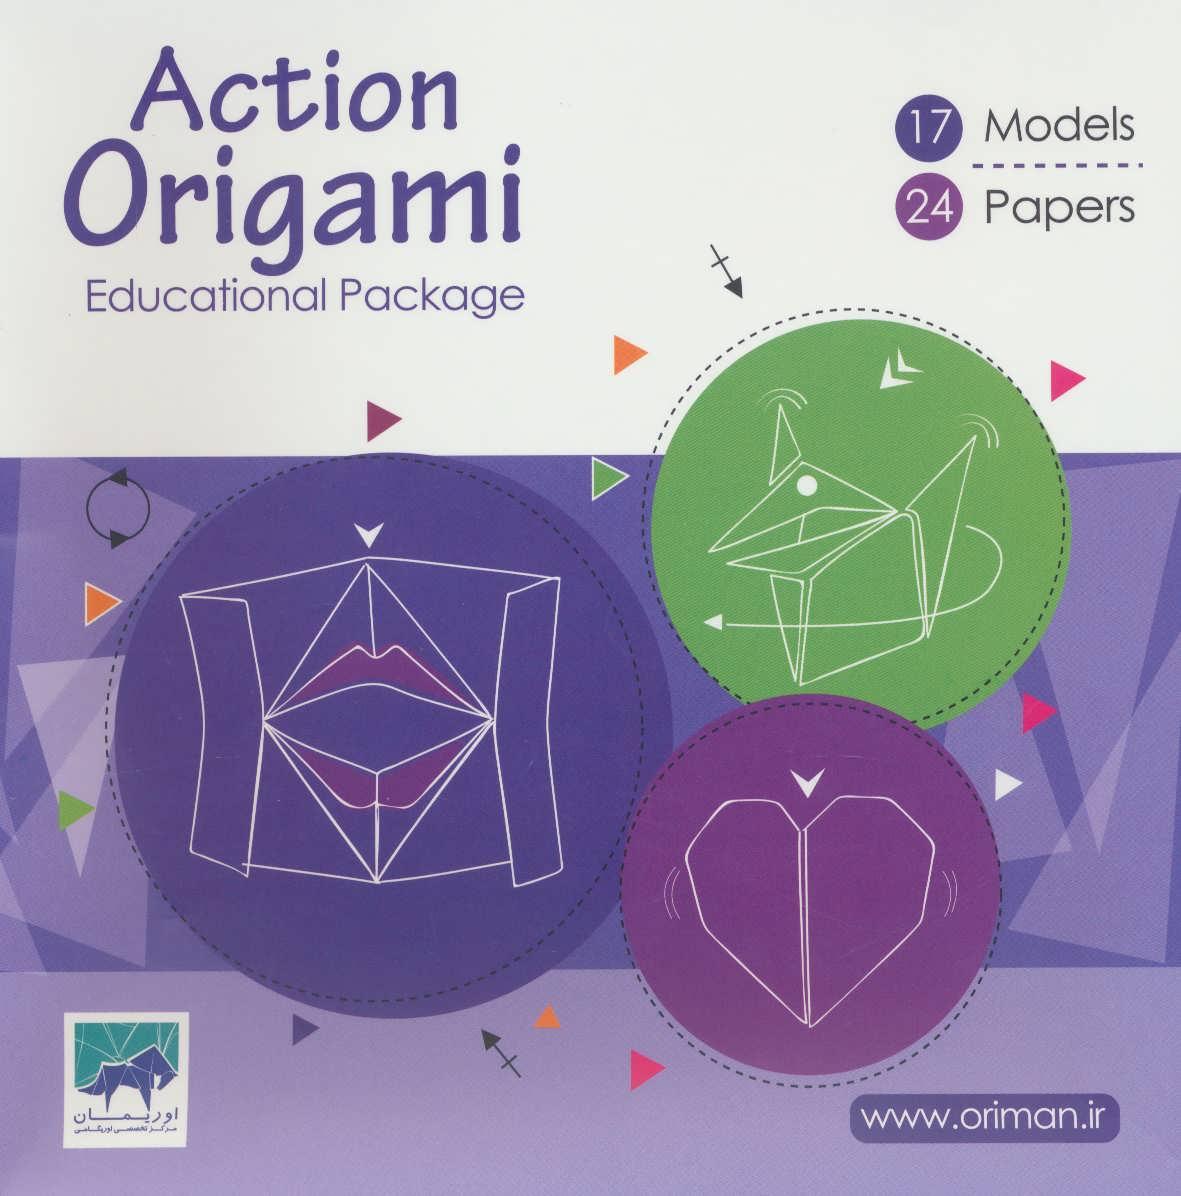 بسته اوریگامی حرکتی (دیاگرام های آموزشی،به همراه کاغذ اوریگامی)،(باجعبه)